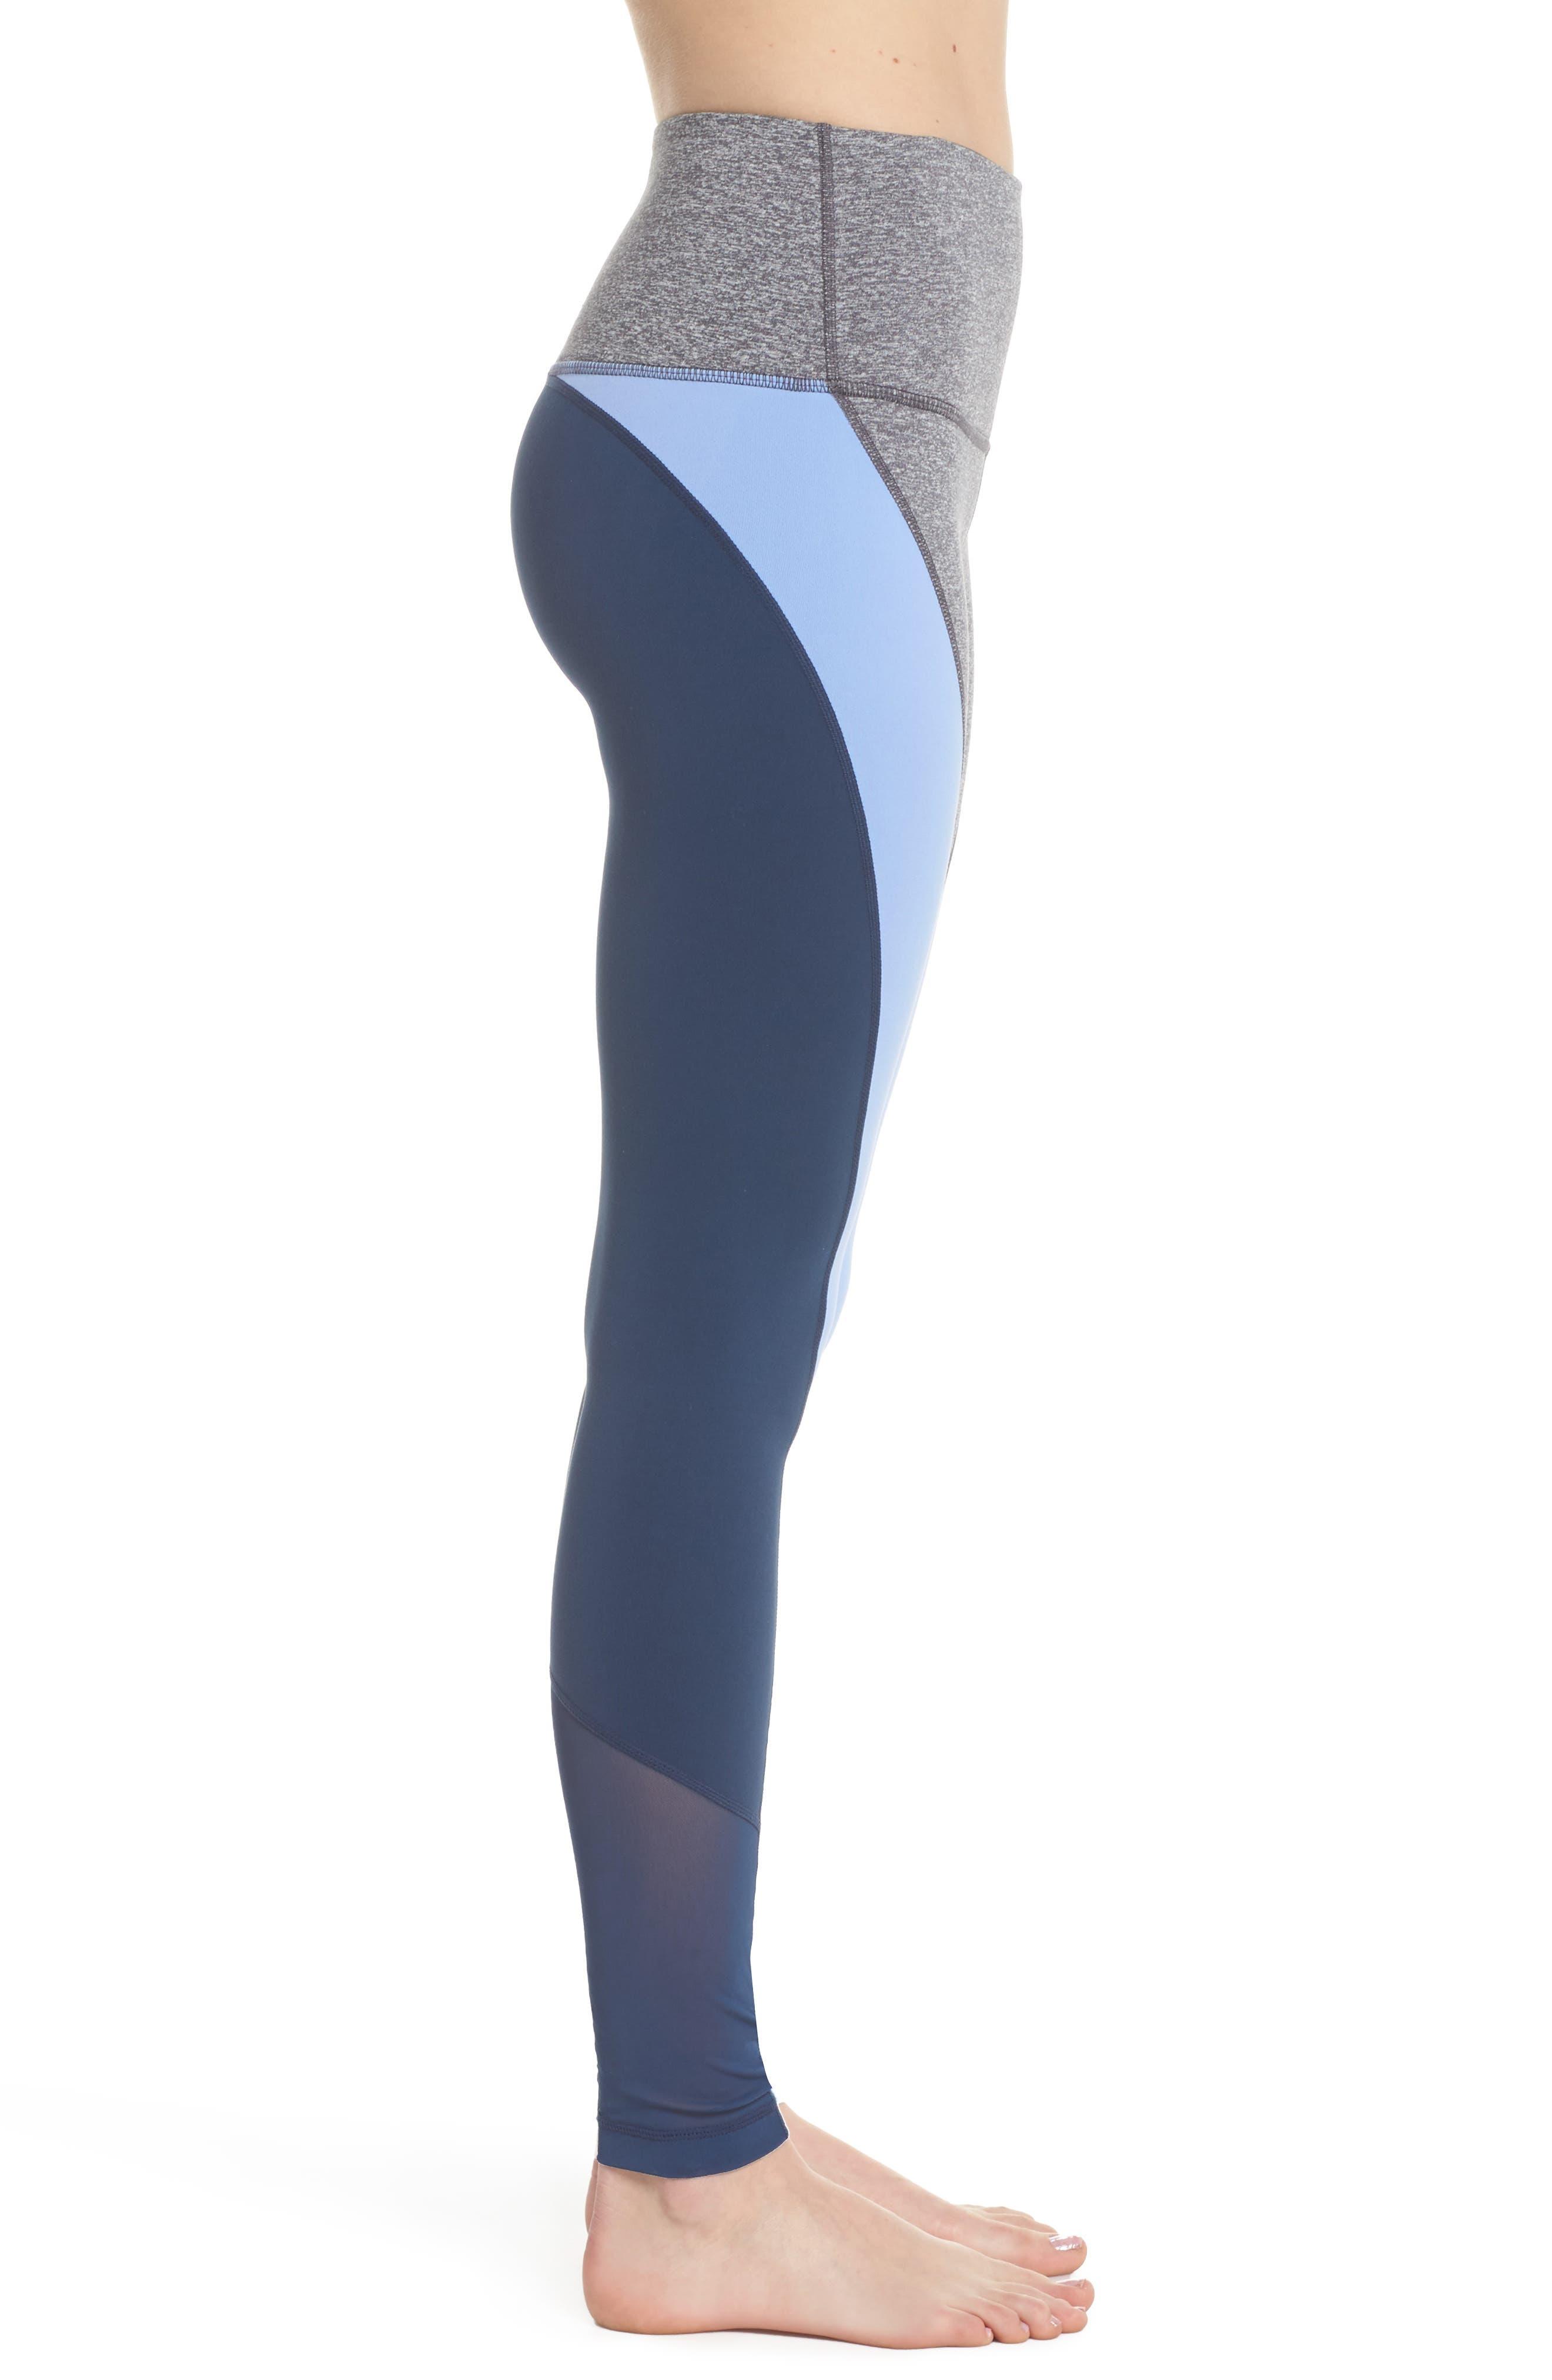 Get in Line High Waist Leggings,                             Alternate thumbnail 3, color,                             Grey Graphite Melange